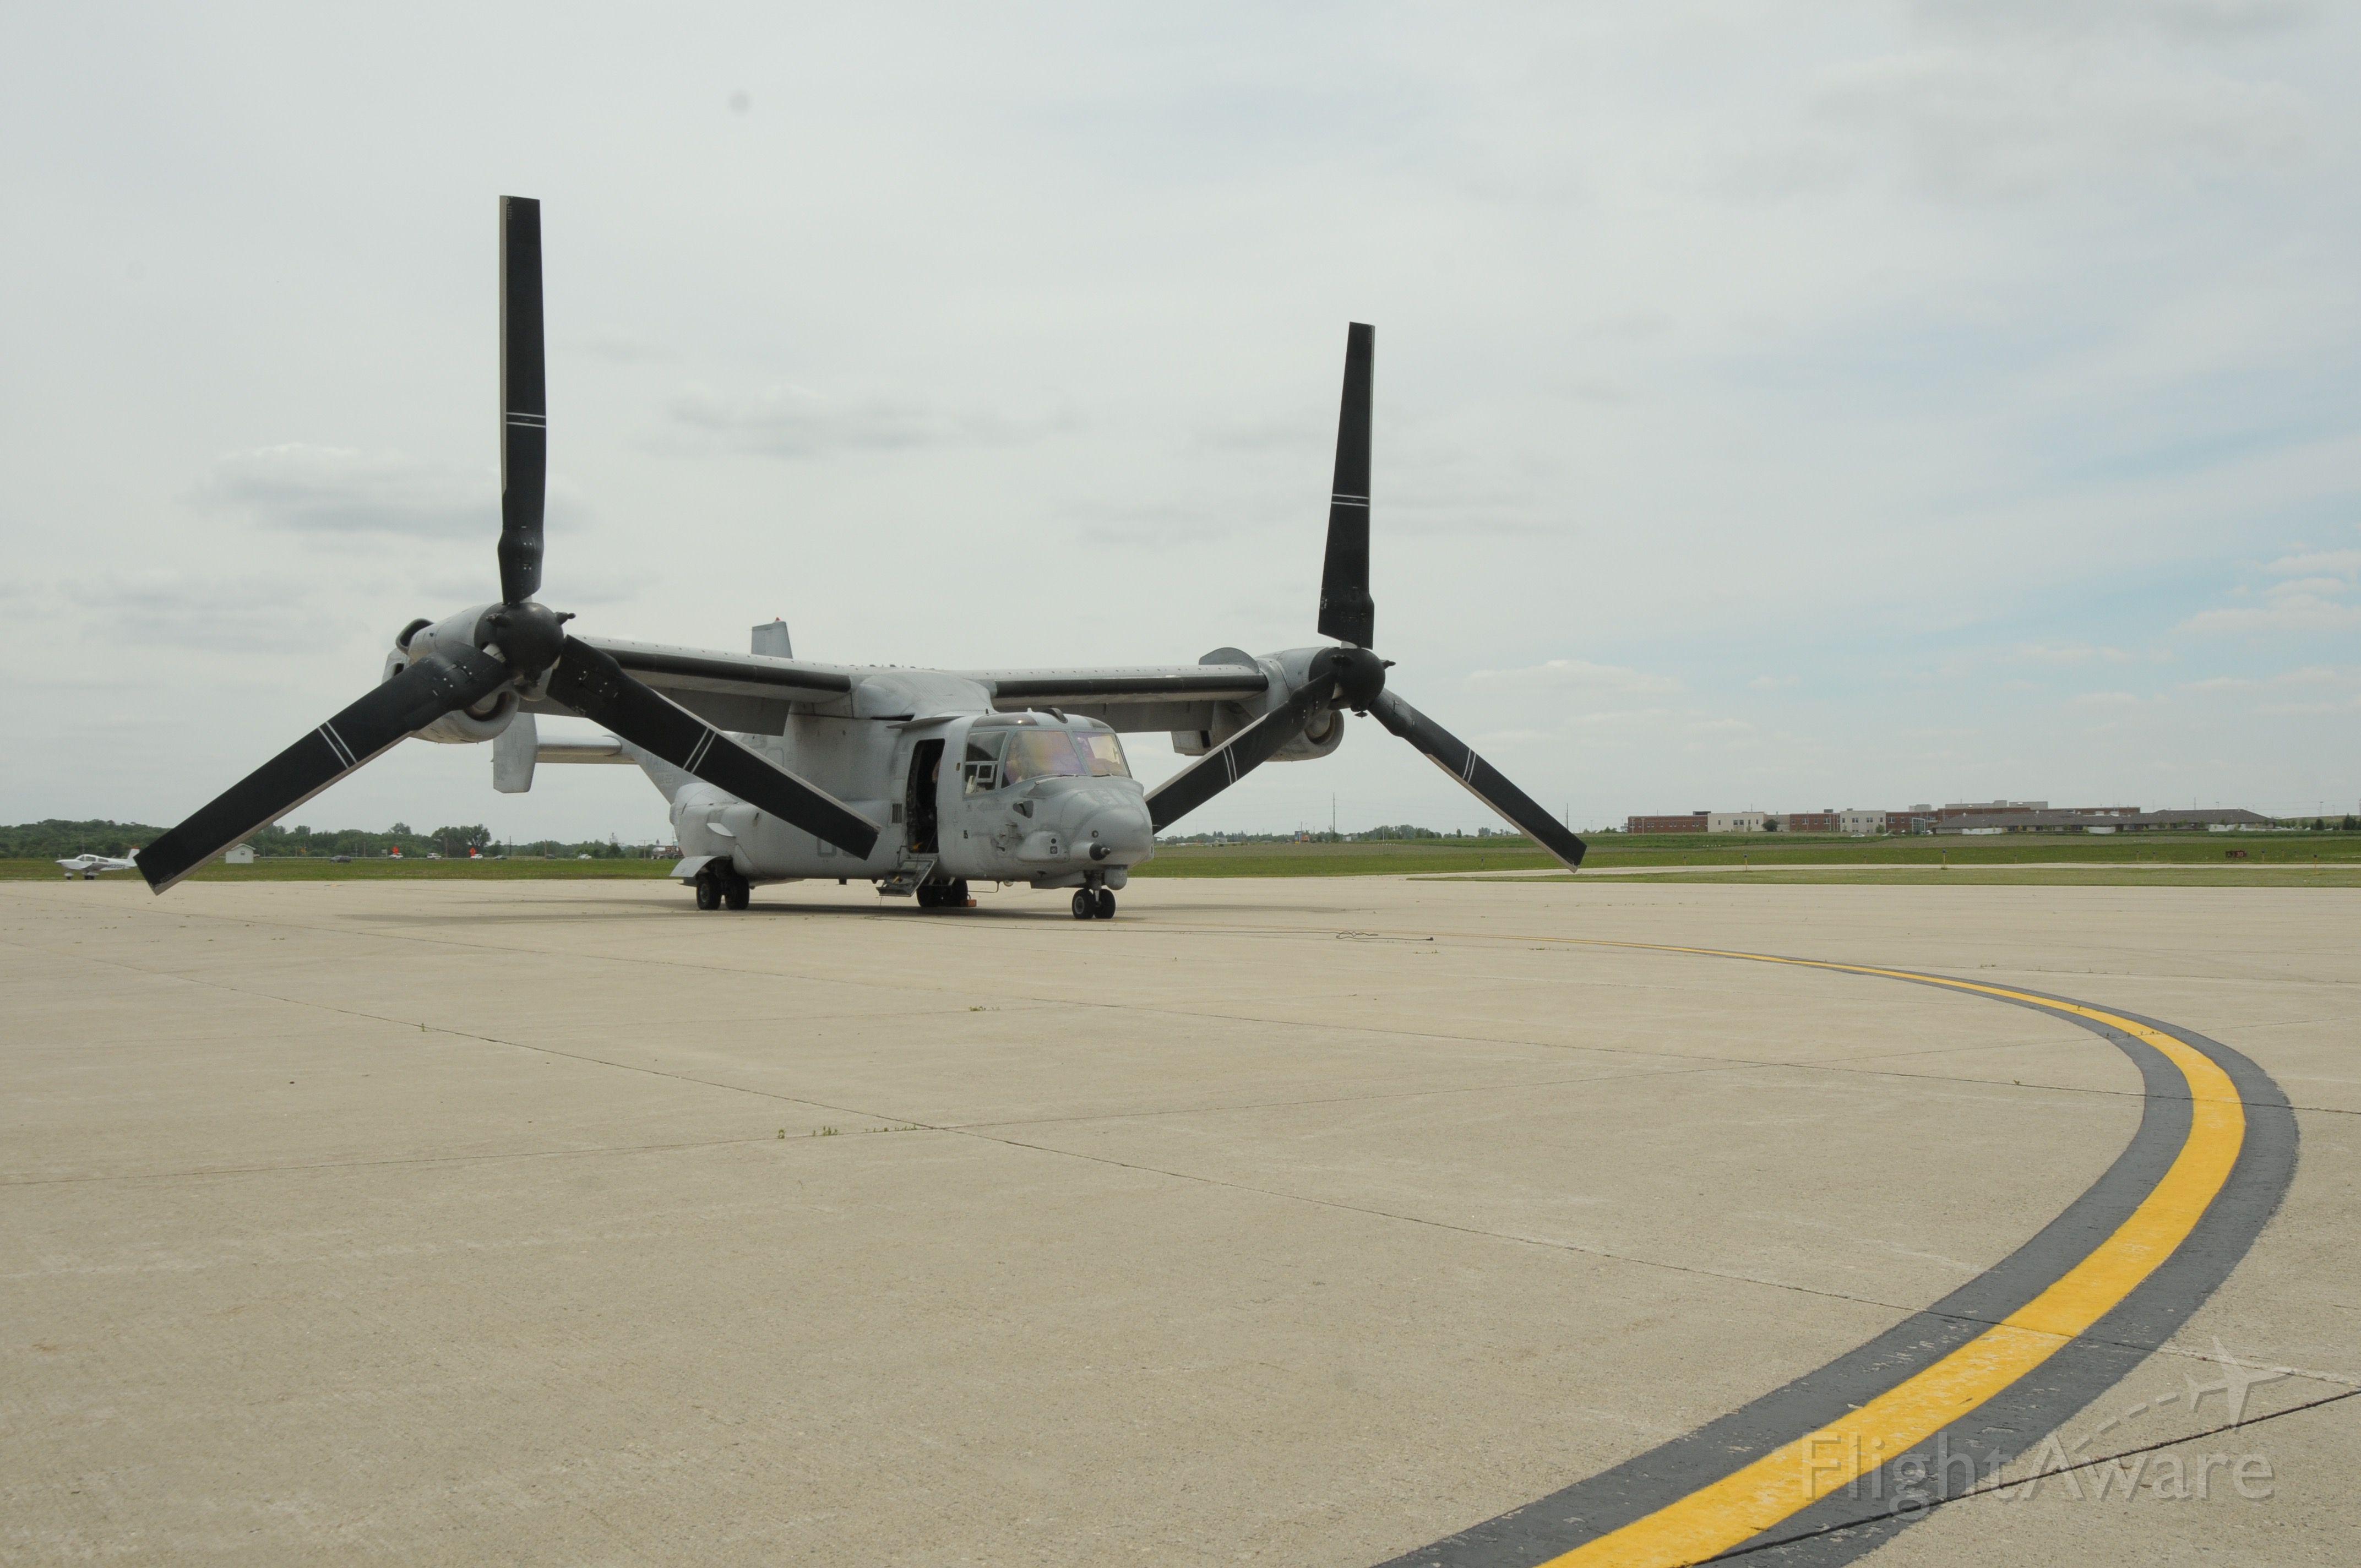 Bell V-22 Osprey — - USMC Osprey in Owatonna, MN for fuel and short visit.